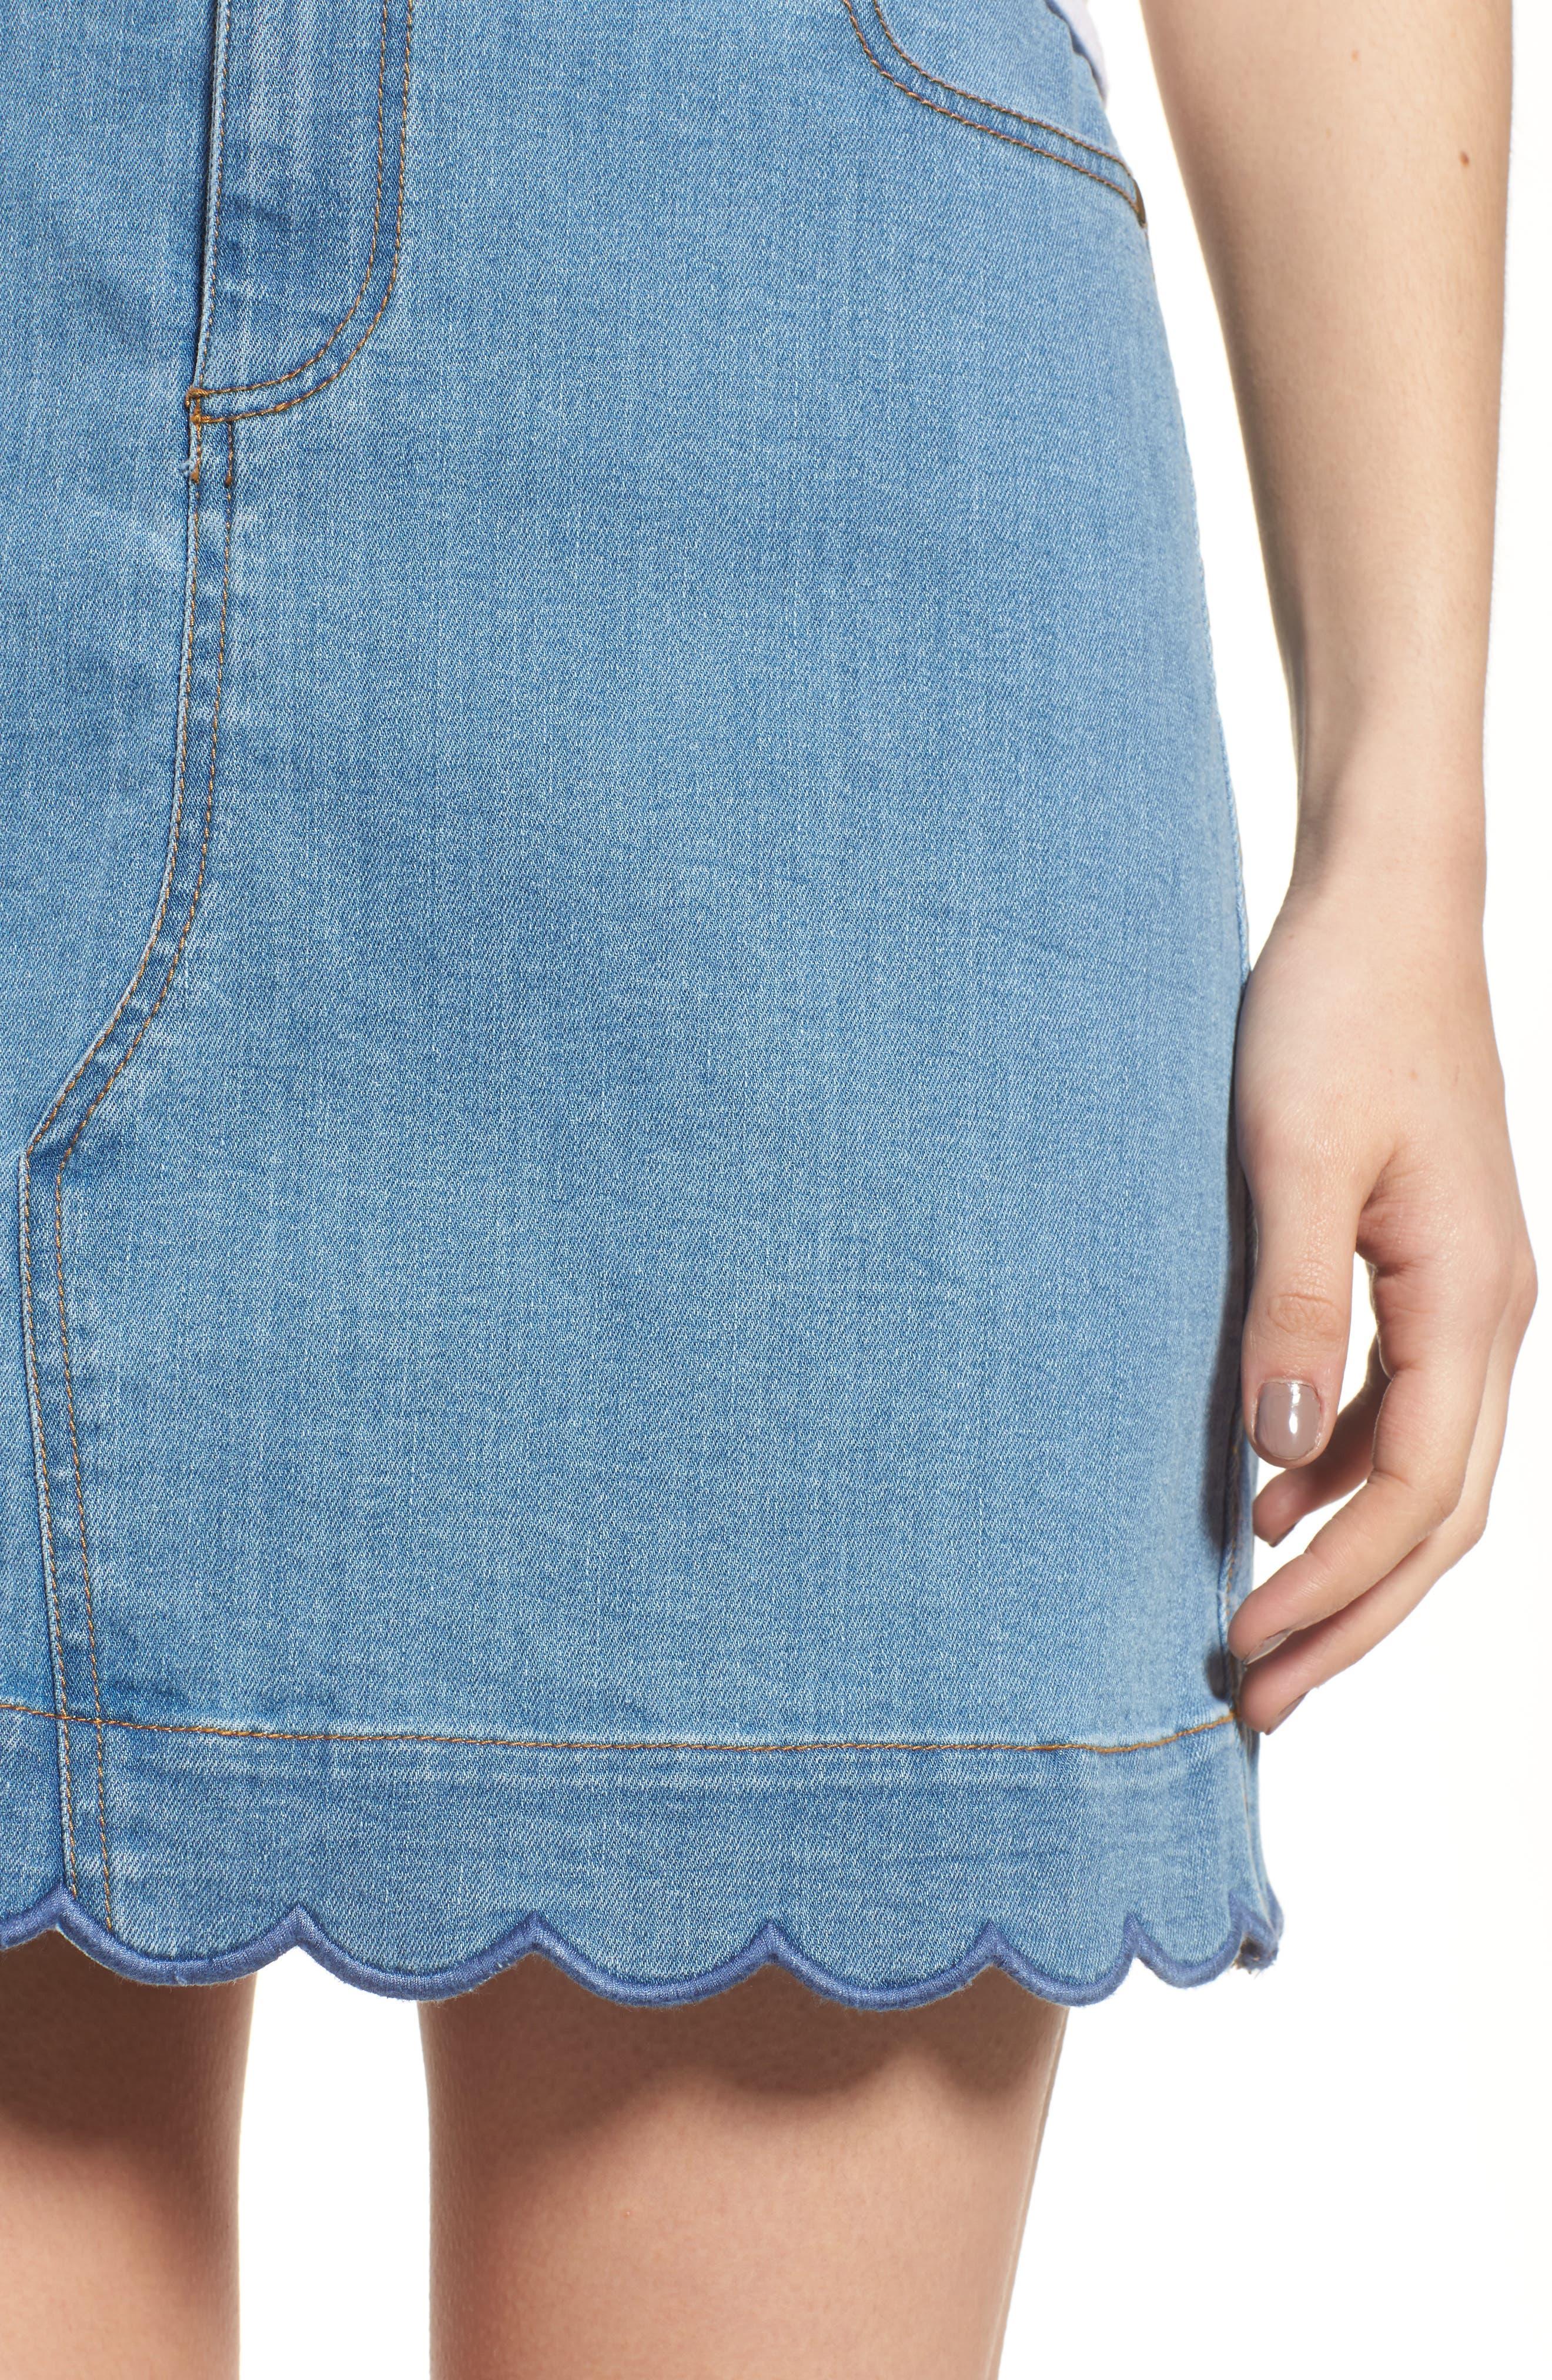 Scallop Denim Skirt,                             Alternate thumbnail 4, color,                             420